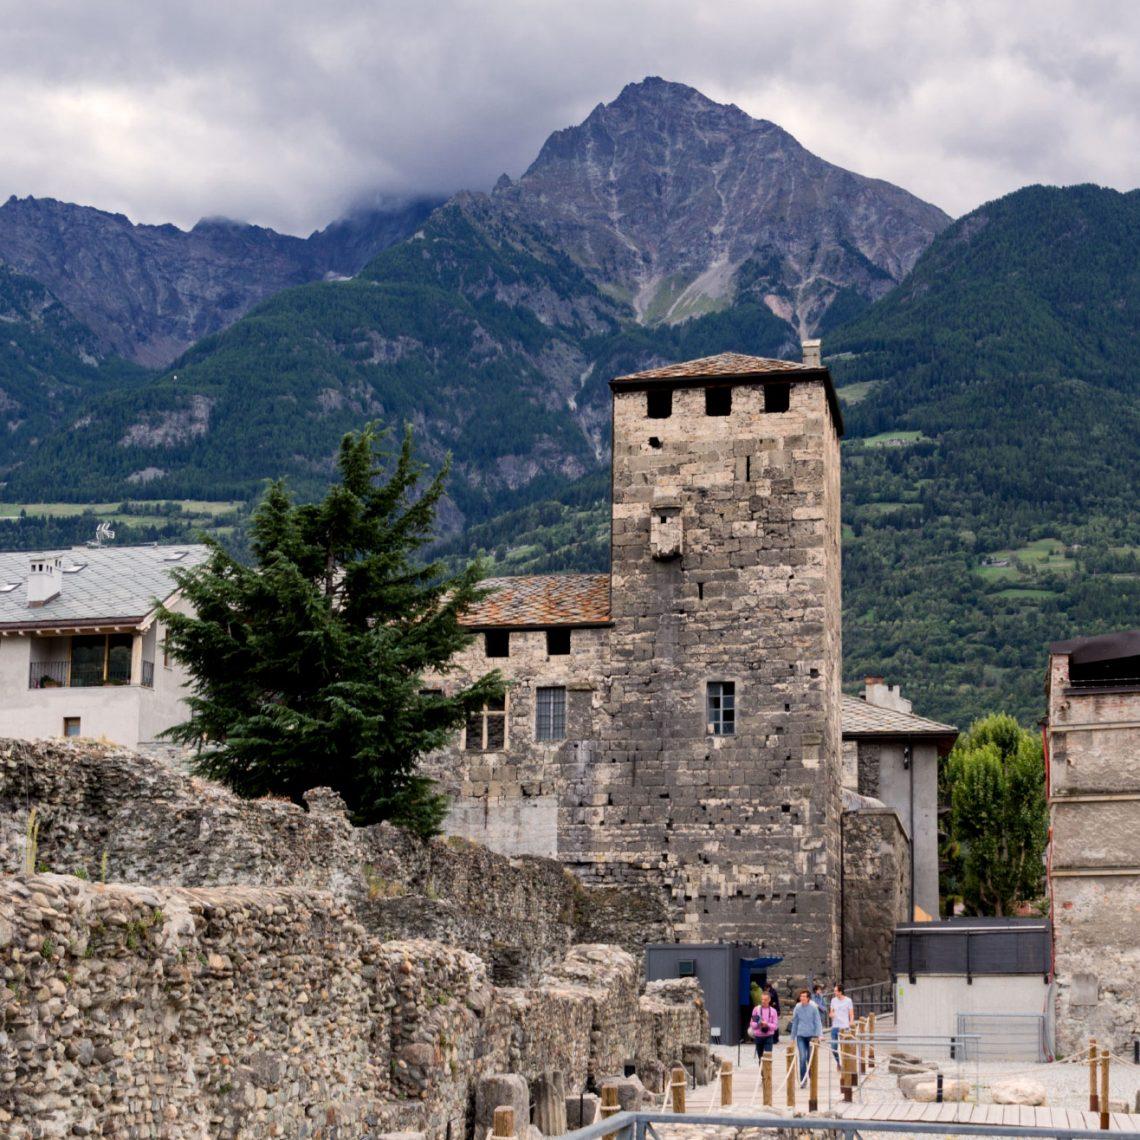 Einer der vielen Wachtürme, die mit der Stadtmauer verbunden noch heute weithin sichtbar sind.